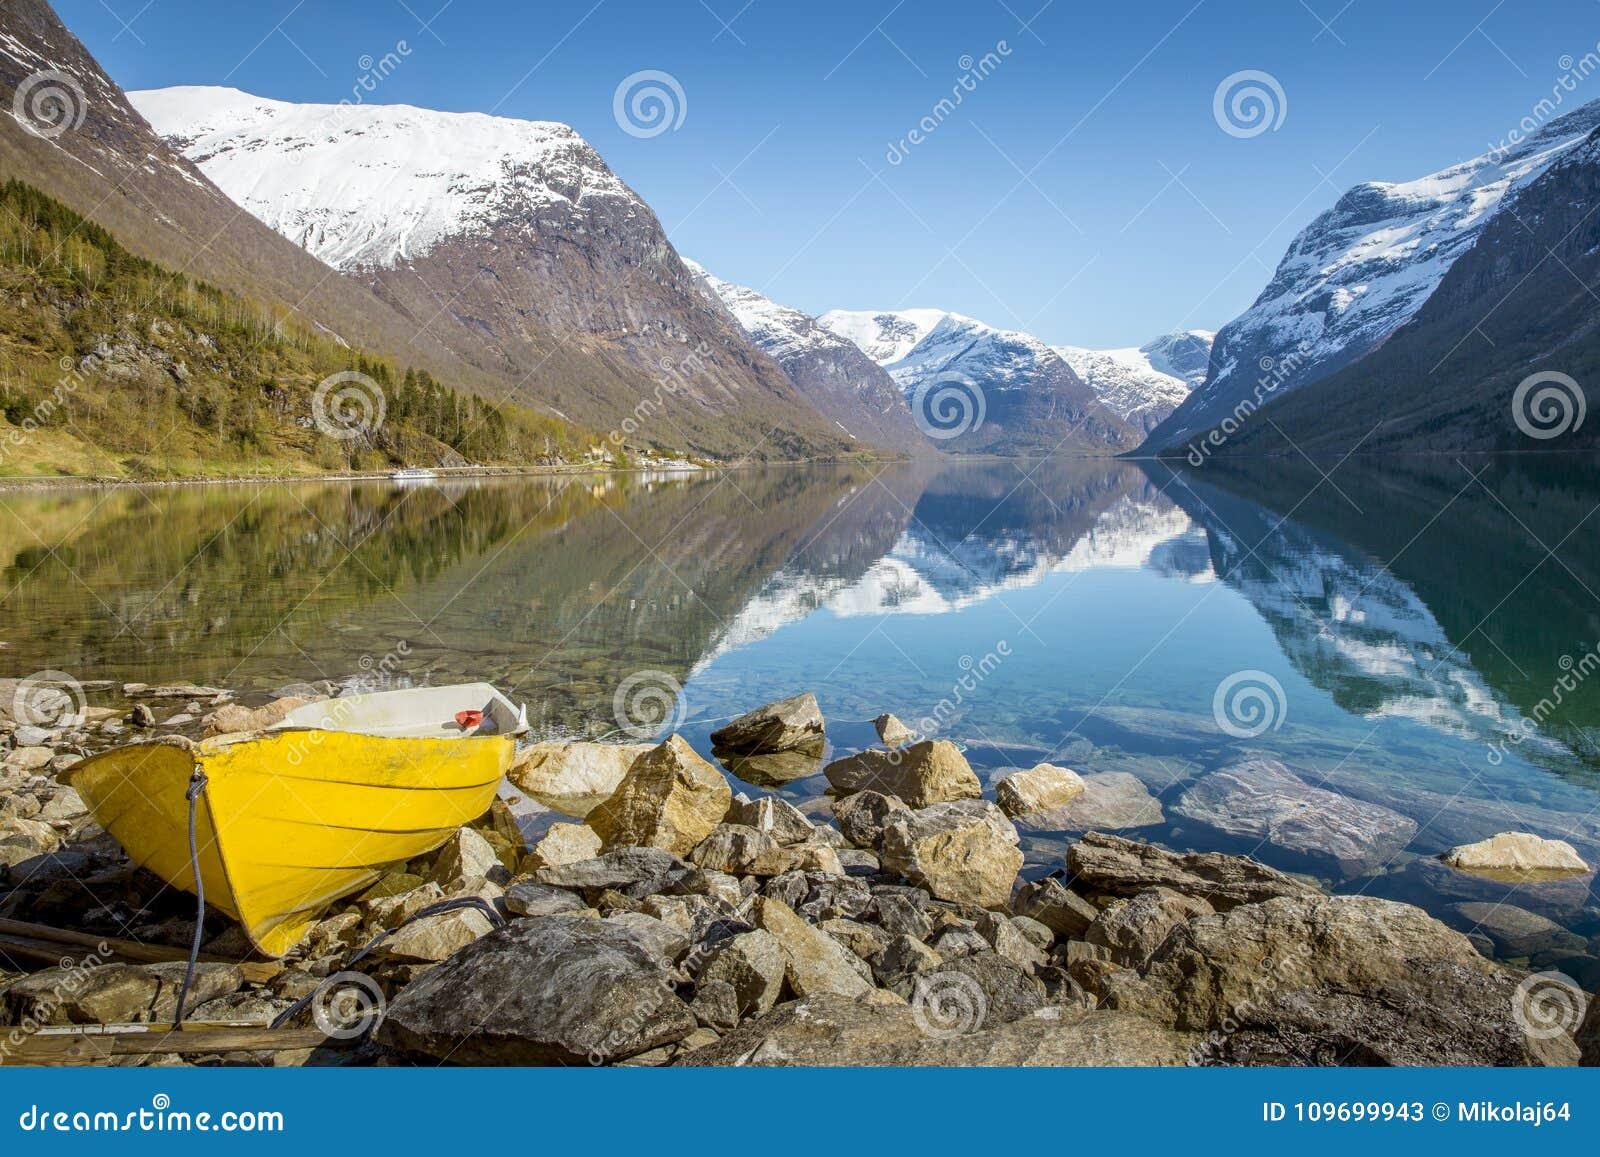 Idyllic norwegian landscape